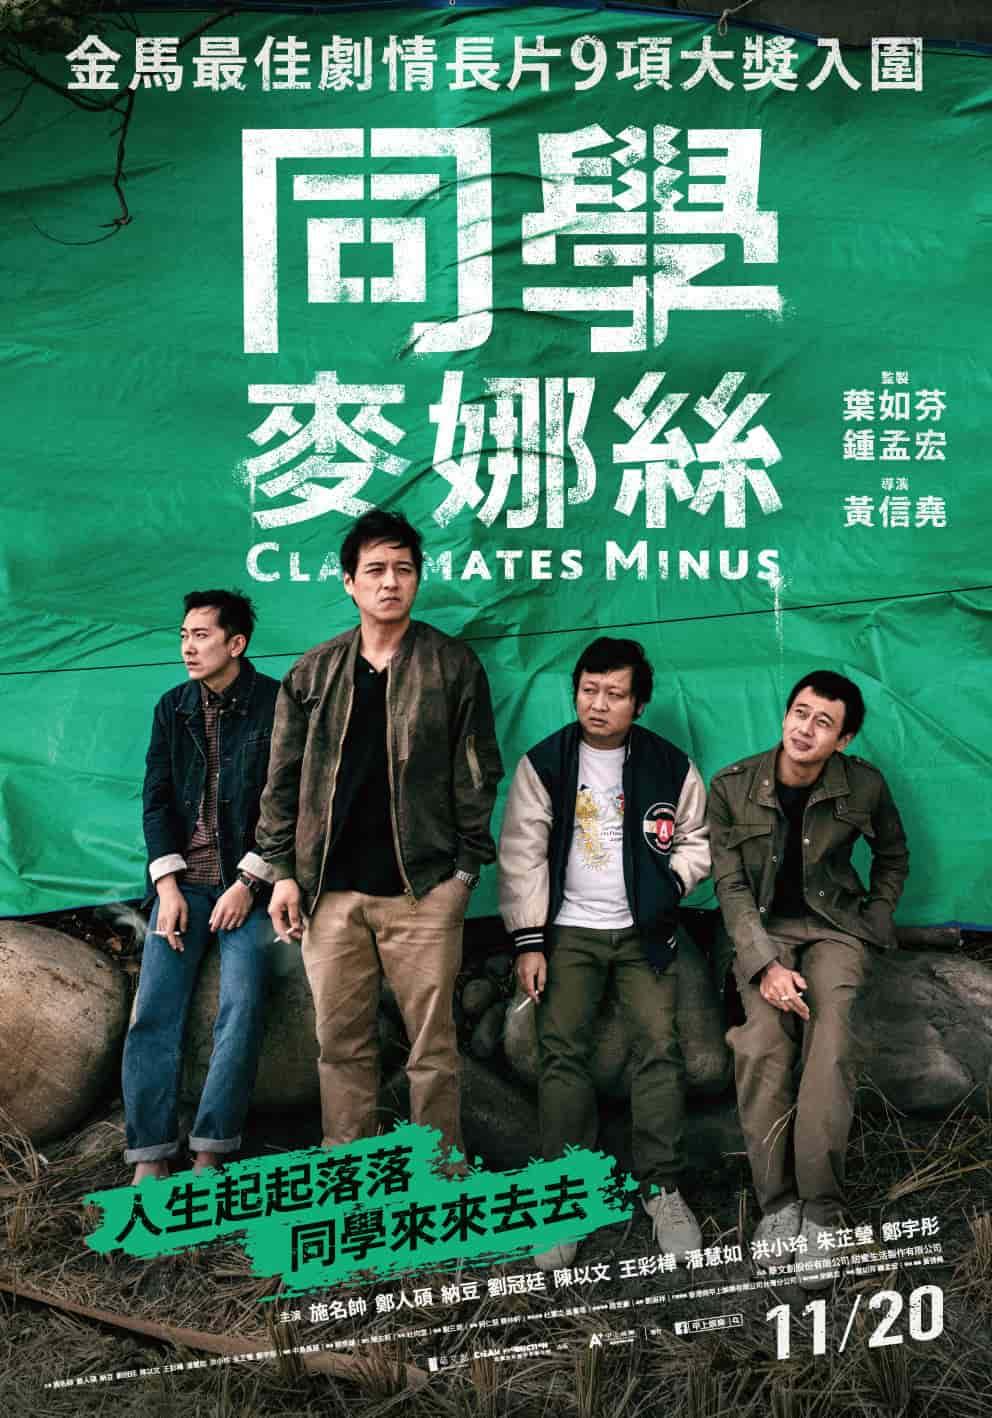 ดูหนังใหม่ Classmates Minus (2020) เพื่อนร่วมรุ่น ซับไทย